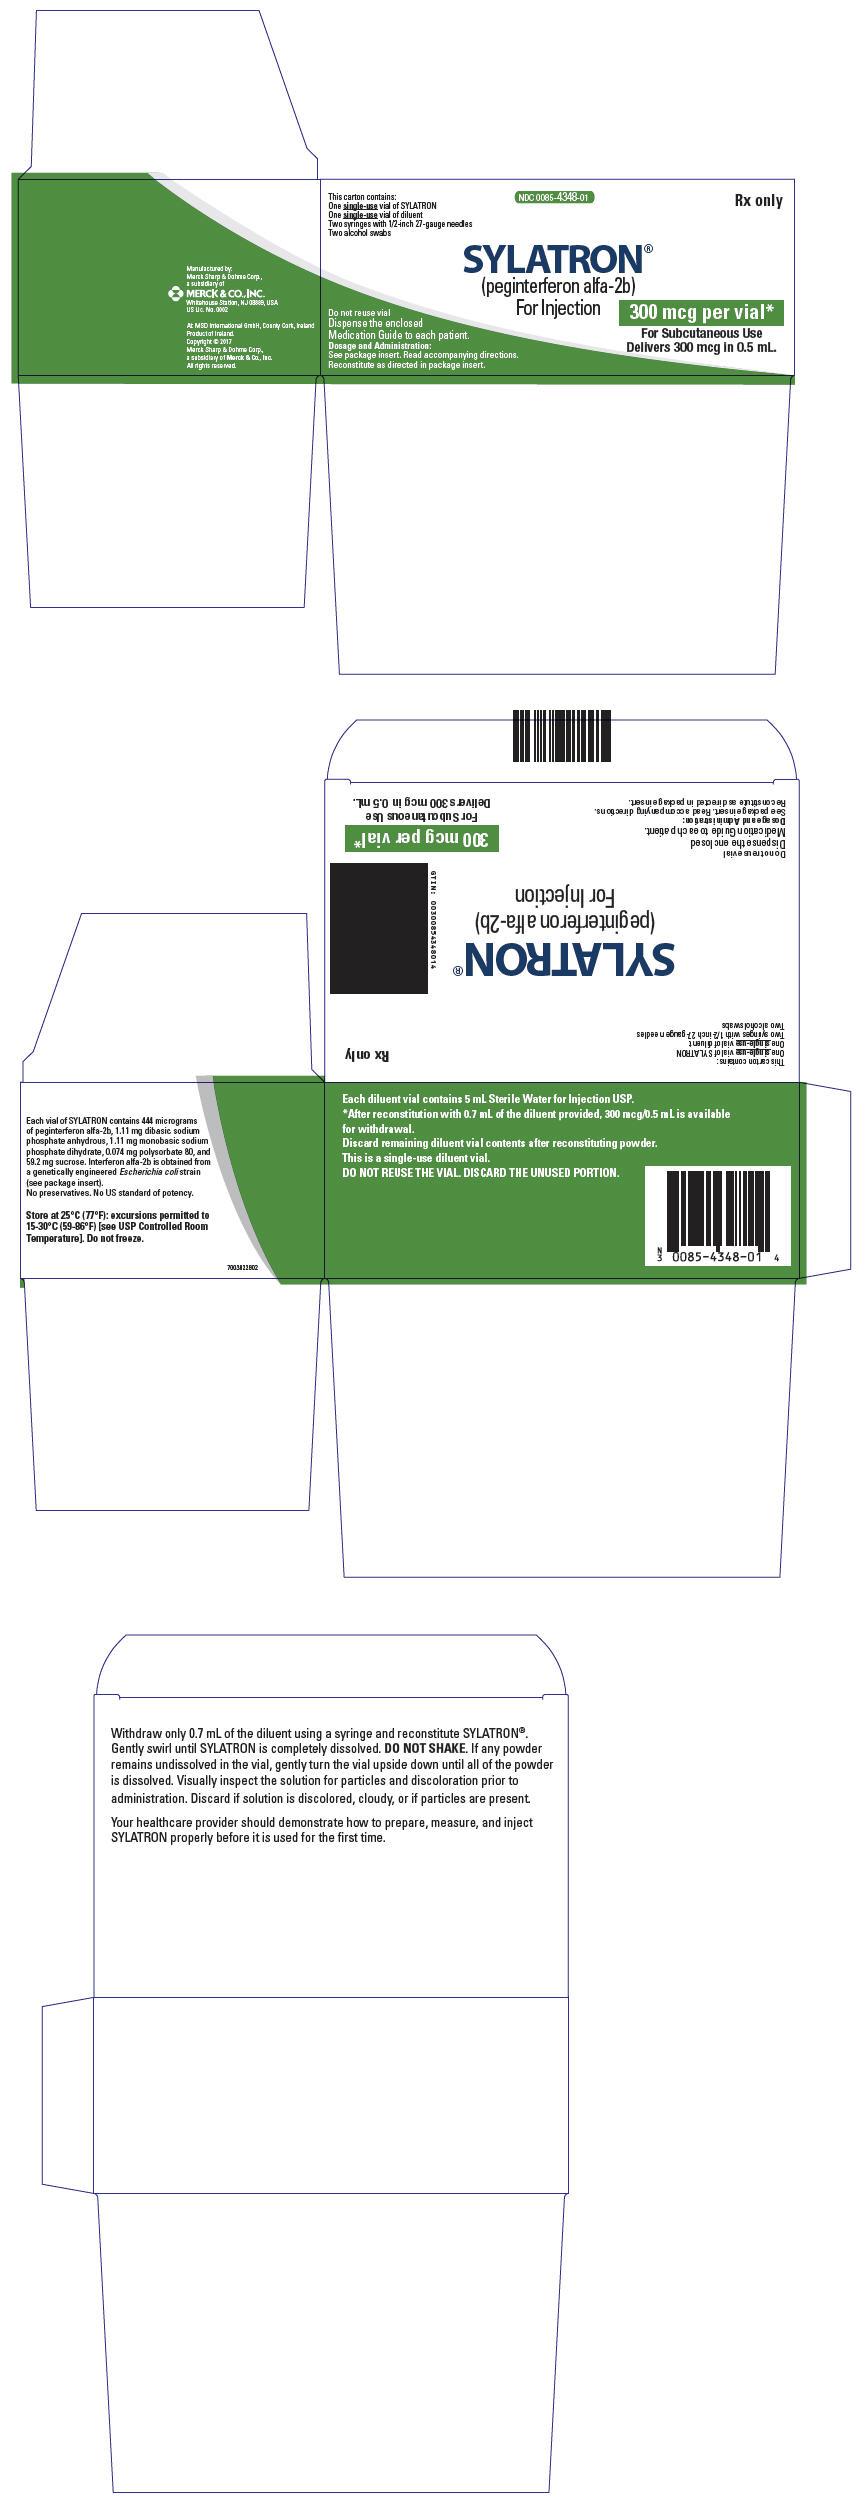 PRINCIPAL DISPLAY PANEL - Kit Carton - 300 mcg